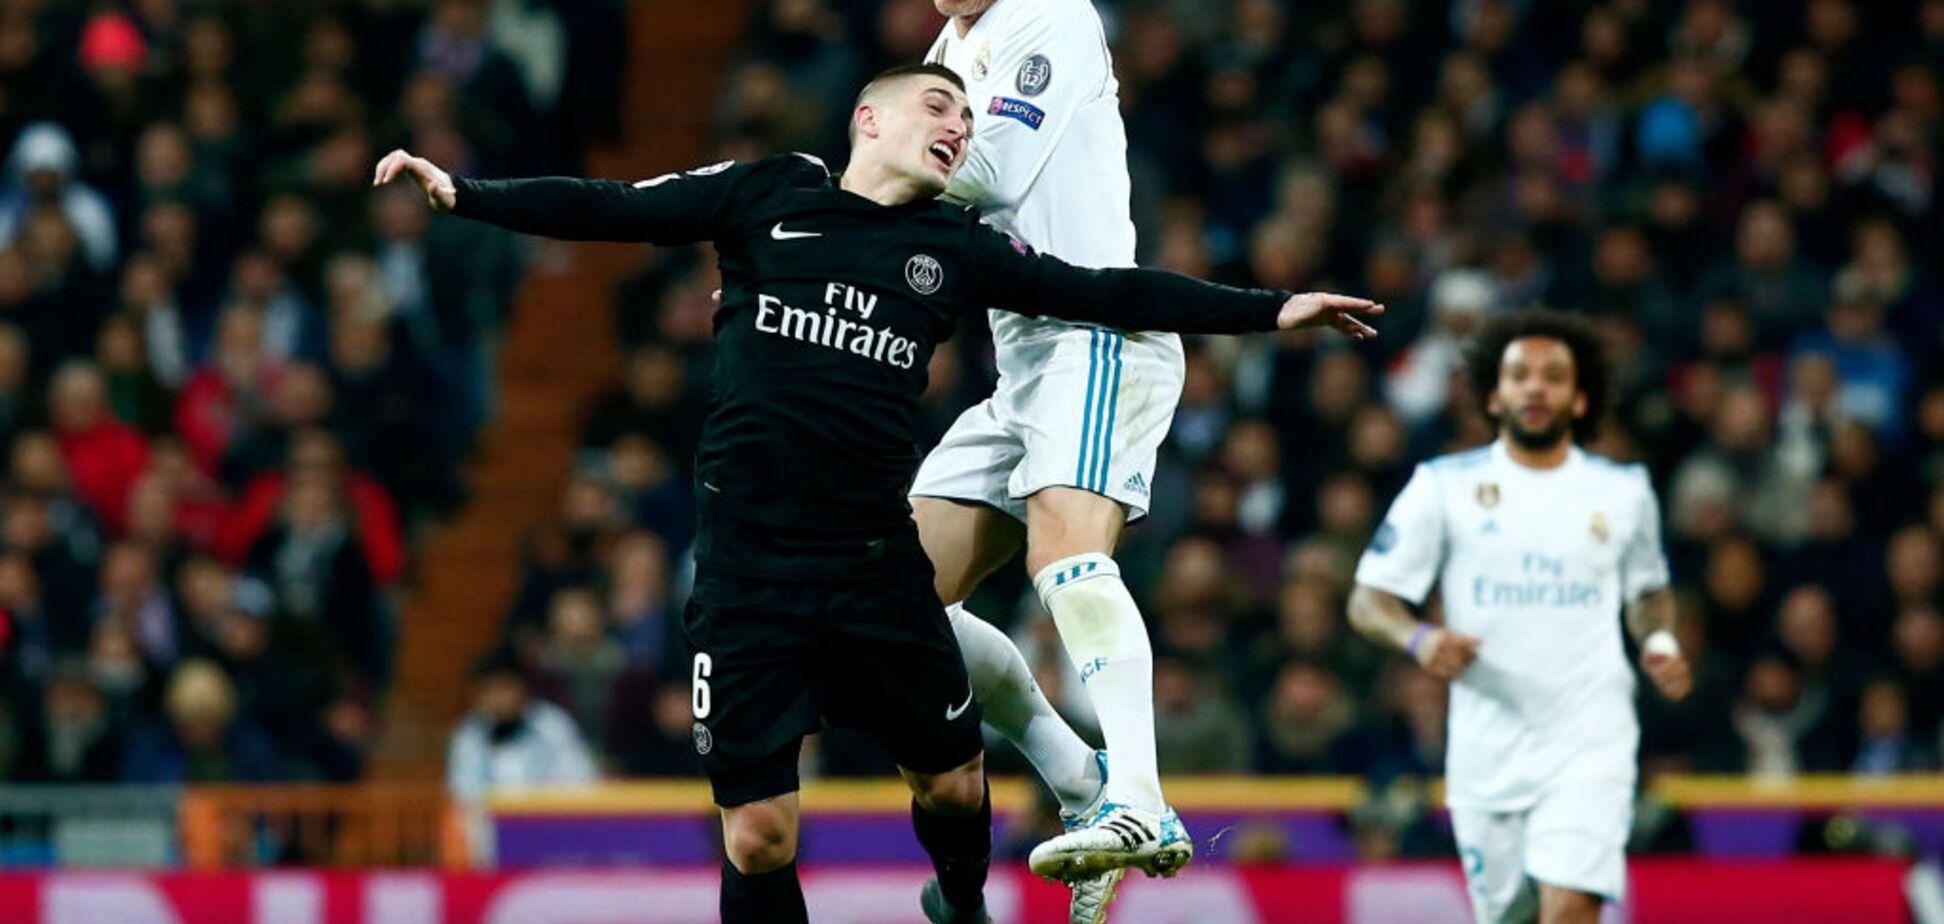 ПСЖ - Реал: онлайн-трансляція матчу